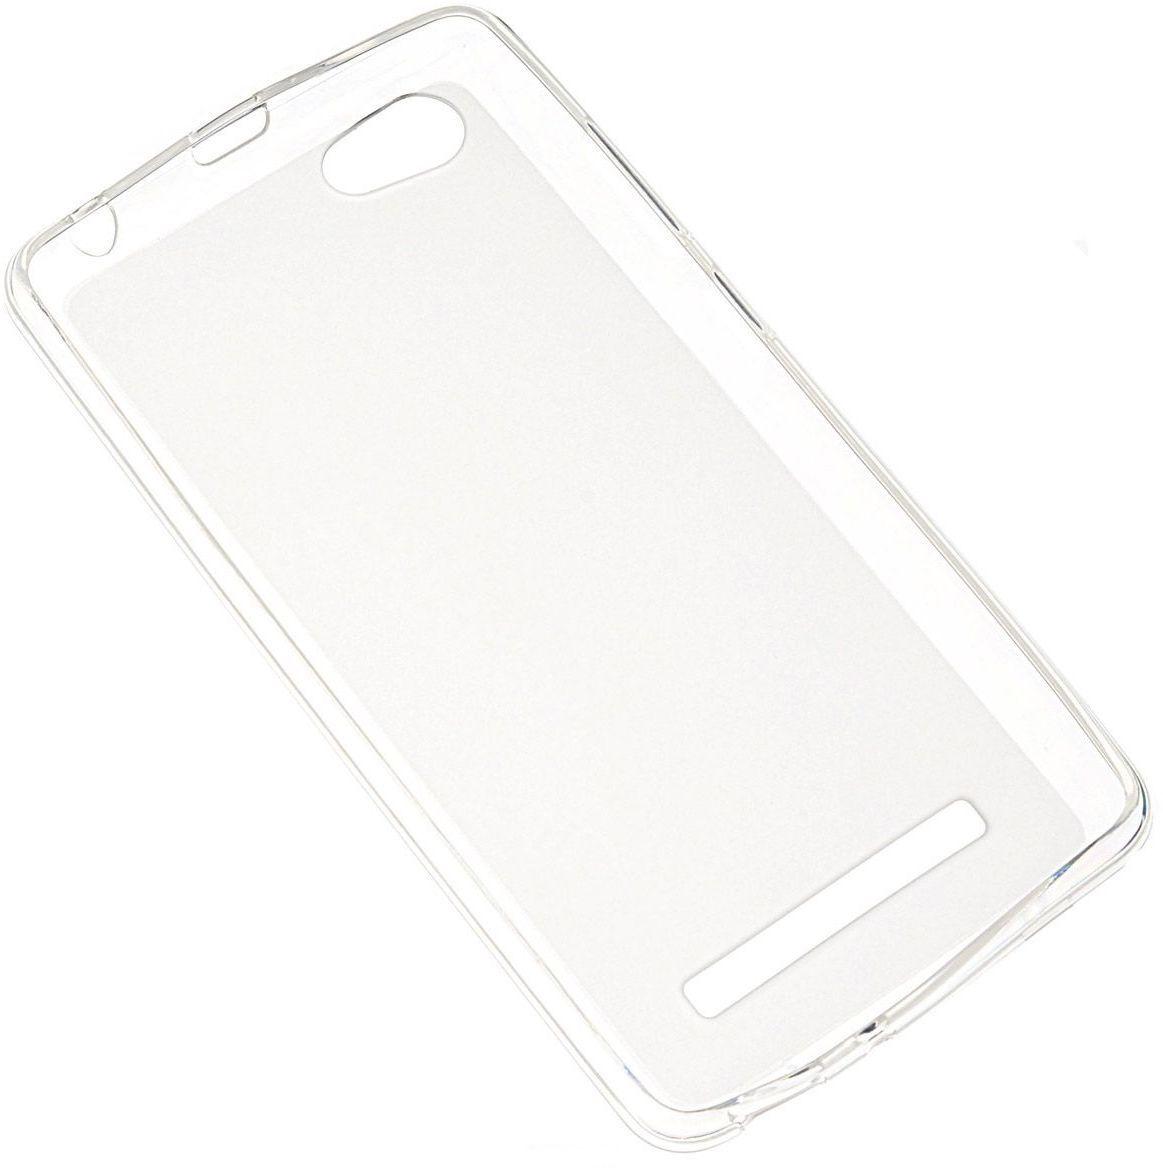 Skinbox Slim Silicone чехол для Philips S386, Transparent2000000132327Чехол-накладка Skinbox Slim Silicone для Philips S386 обеспечивает надежную защиту корпуса смартфона от механических повреждений и надолго сохраняет его привлекательный внешний вид. Накладка выполнена из высококачественного материала, плотно прилегает и не скользит в руках. Чехол также обеспечивает свободный доступ ко всем разъемам и клавишам устройства.